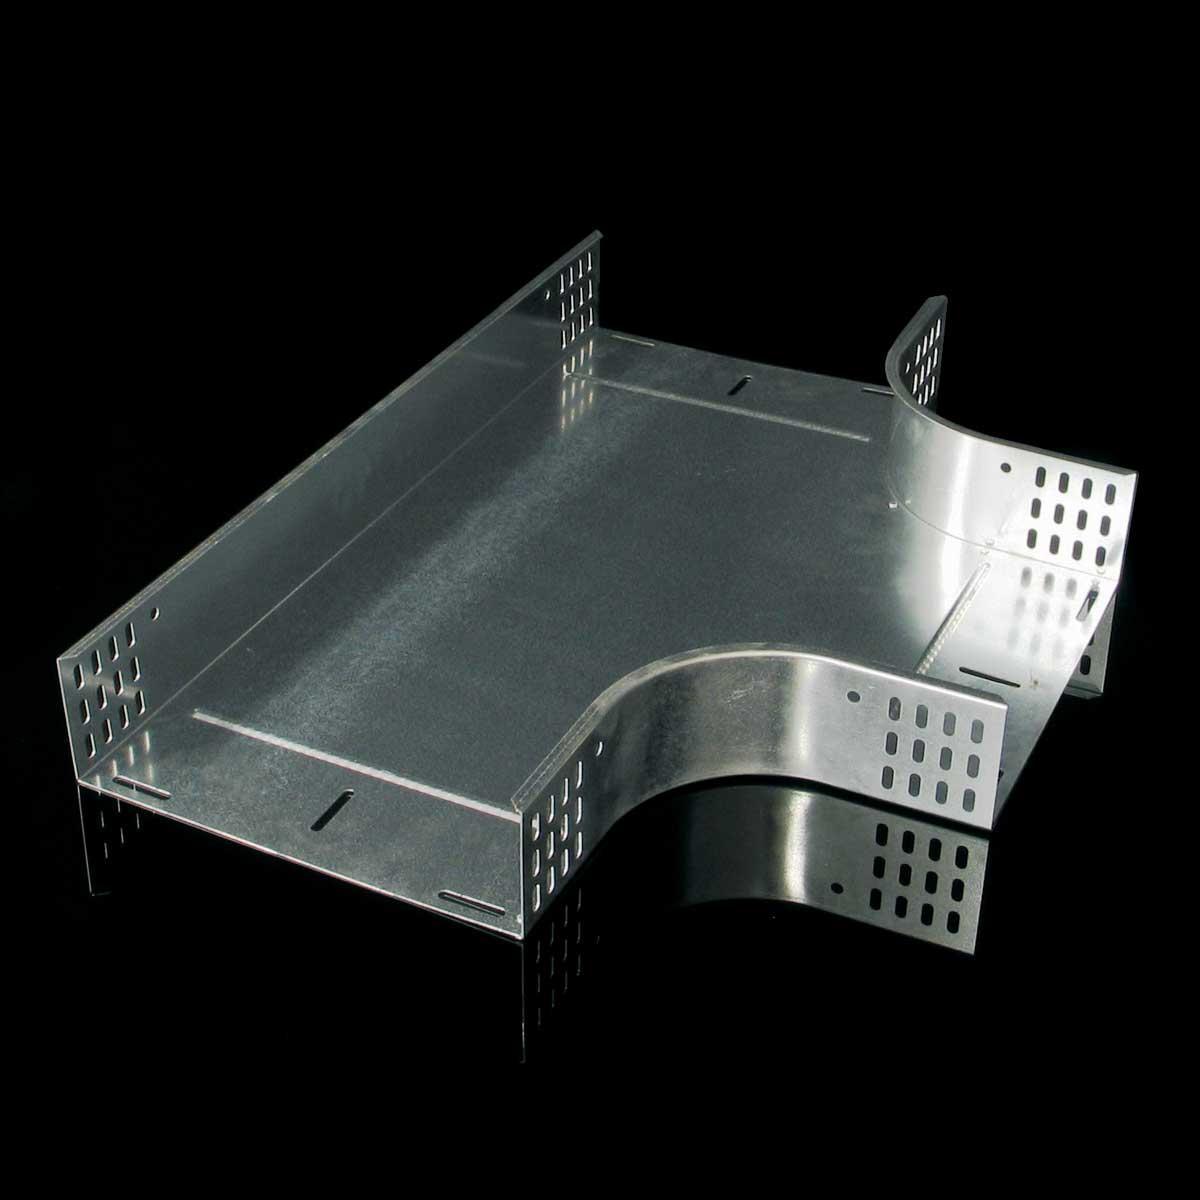 Відгалужувач горизонтальний Т-подібний JUPITER; розміри-110x600x800mm Товщ. метал-1,2 Вага-8,6кг/м